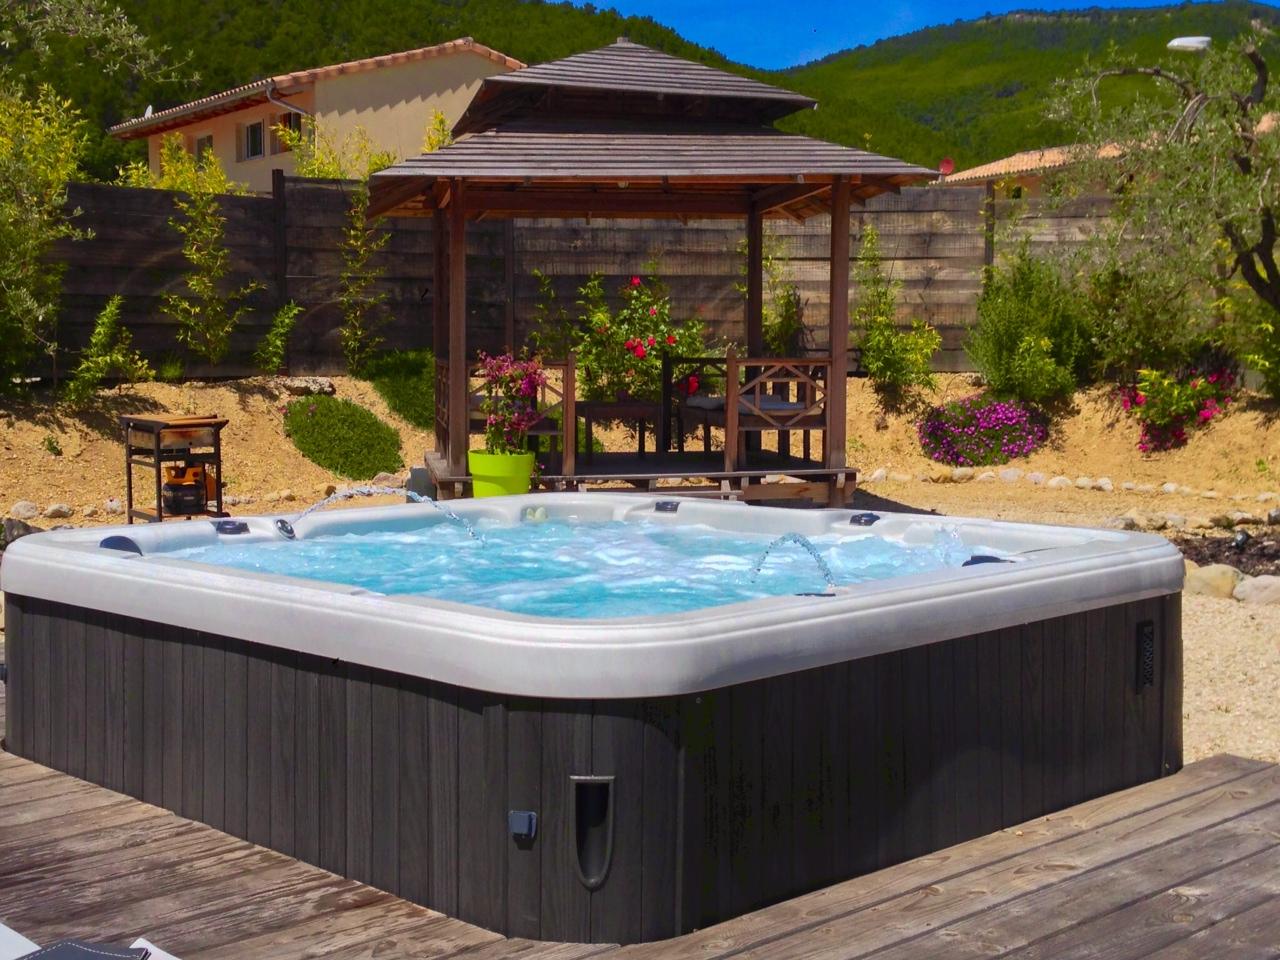 venez vous d tendre dans un jardin fleuri et arbor vous rafraichir dans la piscine et dans le. Black Bedroom Furniture Sets. Home Design Ideas